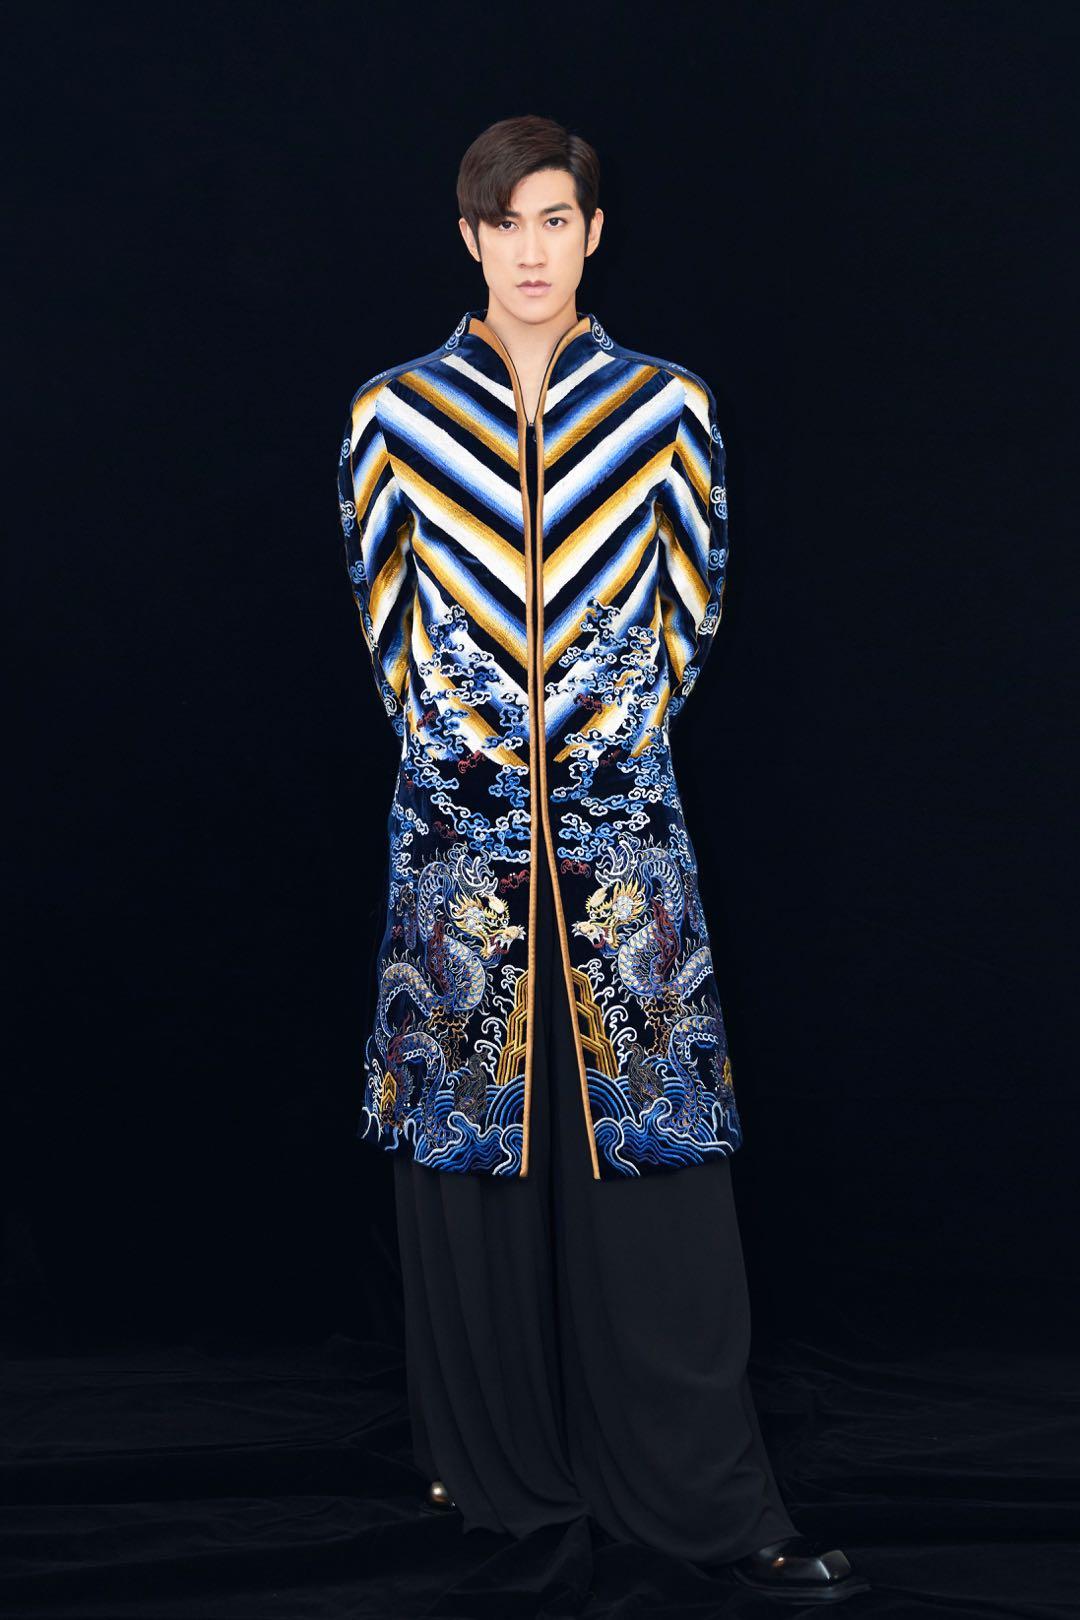 李治廷华歌榜荣获两项大奖 祥云刺绣长衫造型尽显中国风之美